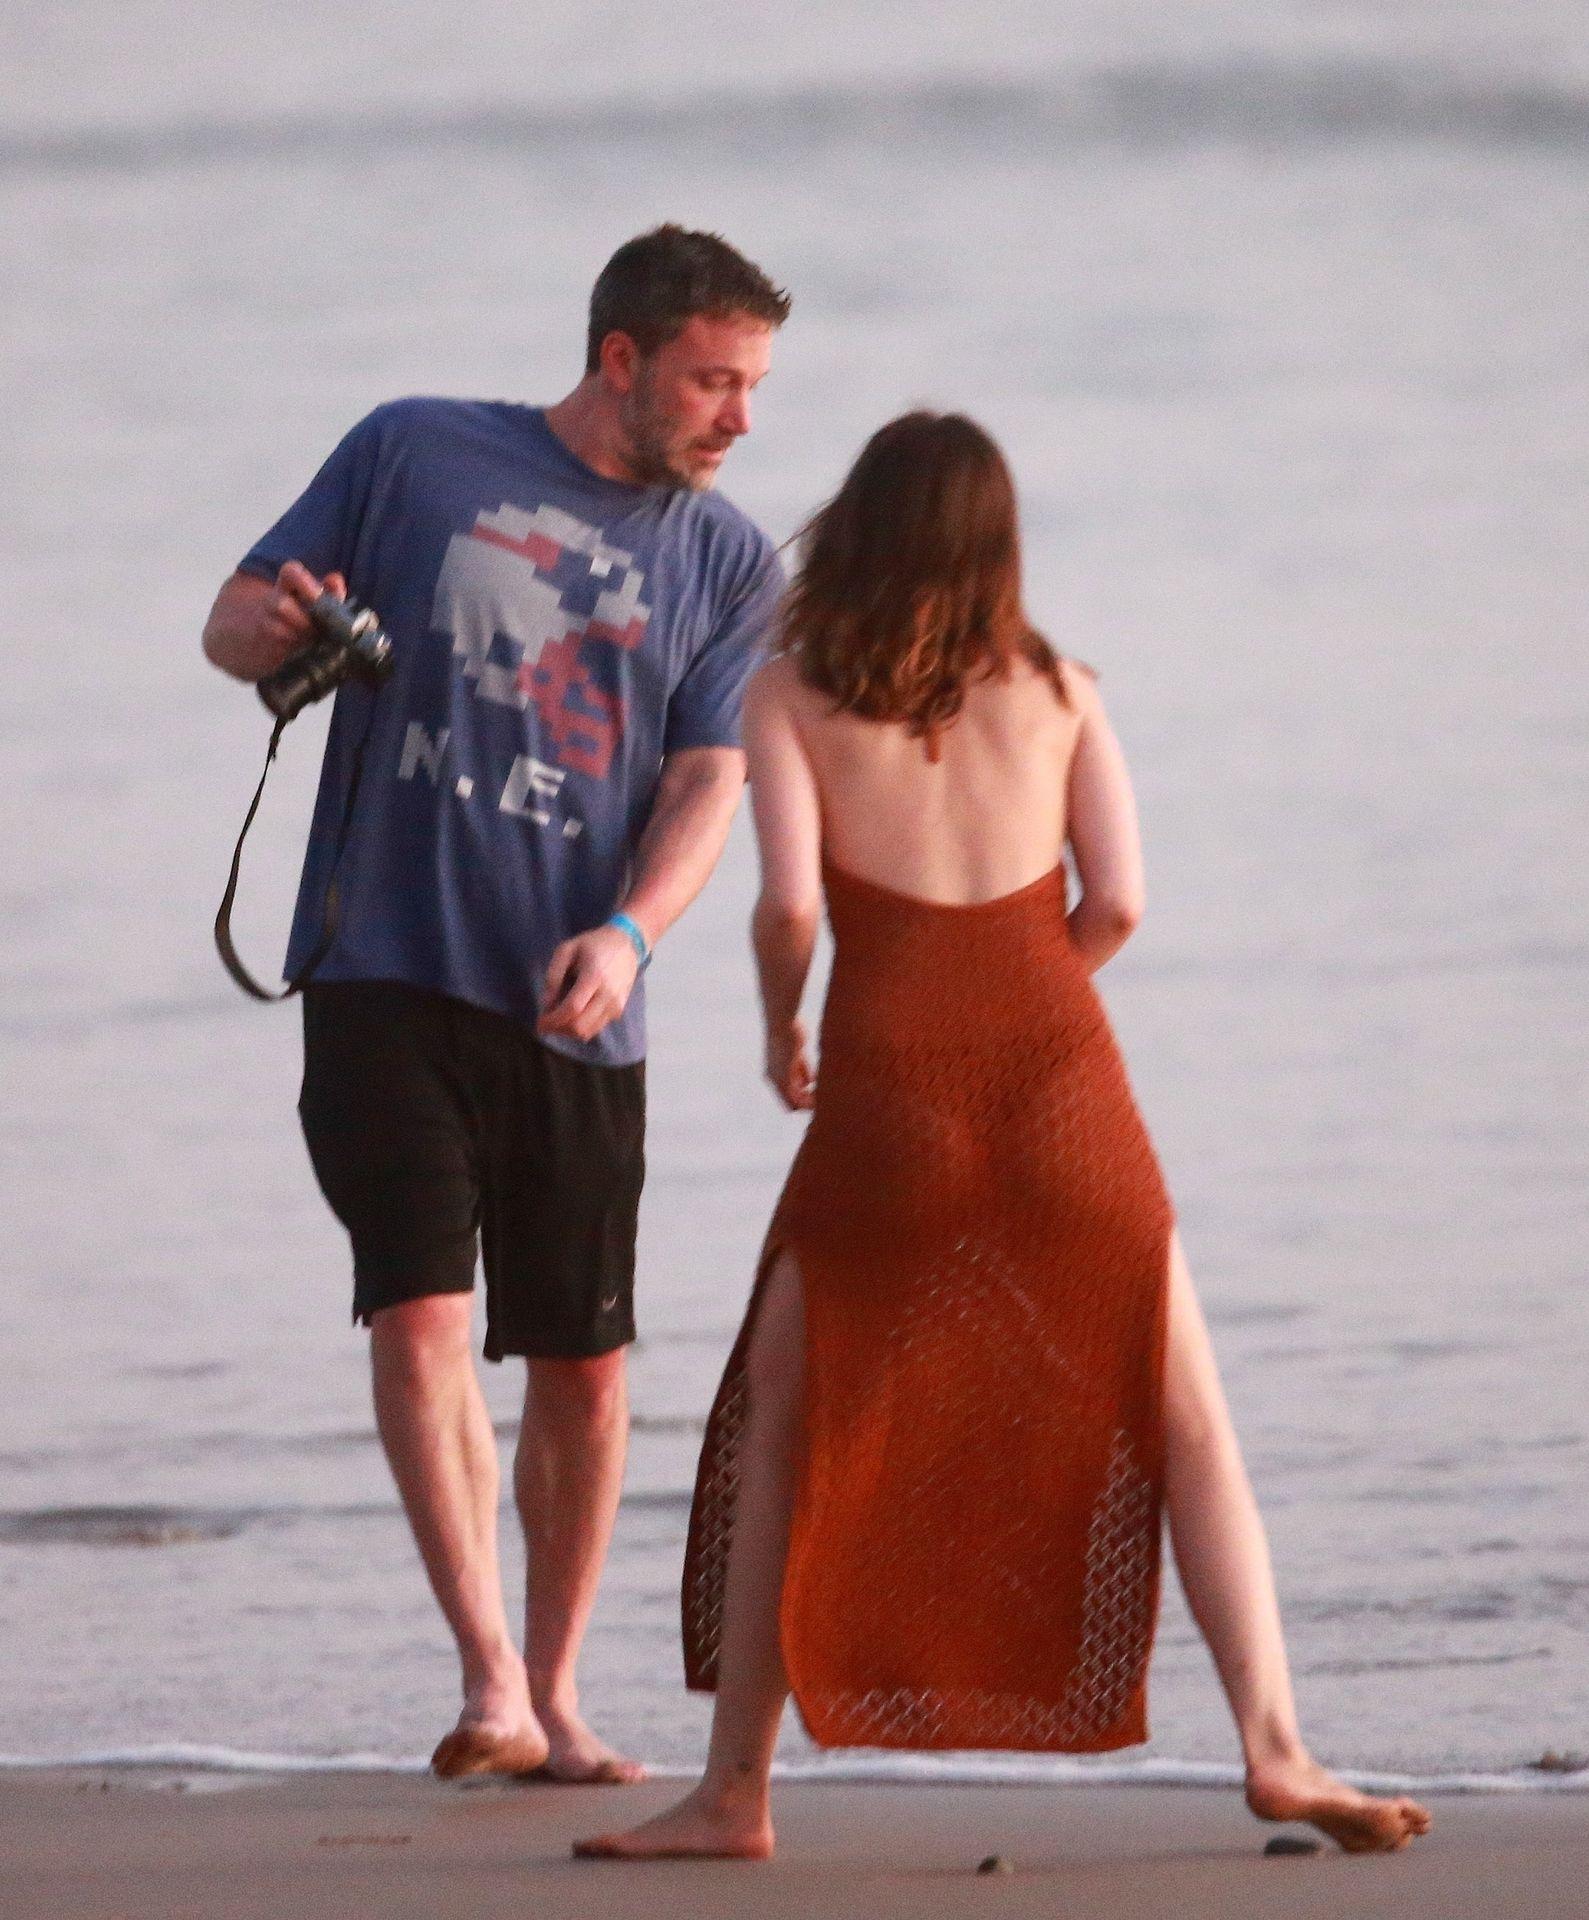 Ben Affleck & Ana De Armas Enjoy A Pda Moment During Romantic Beach Stroll In Costa Rica 0036